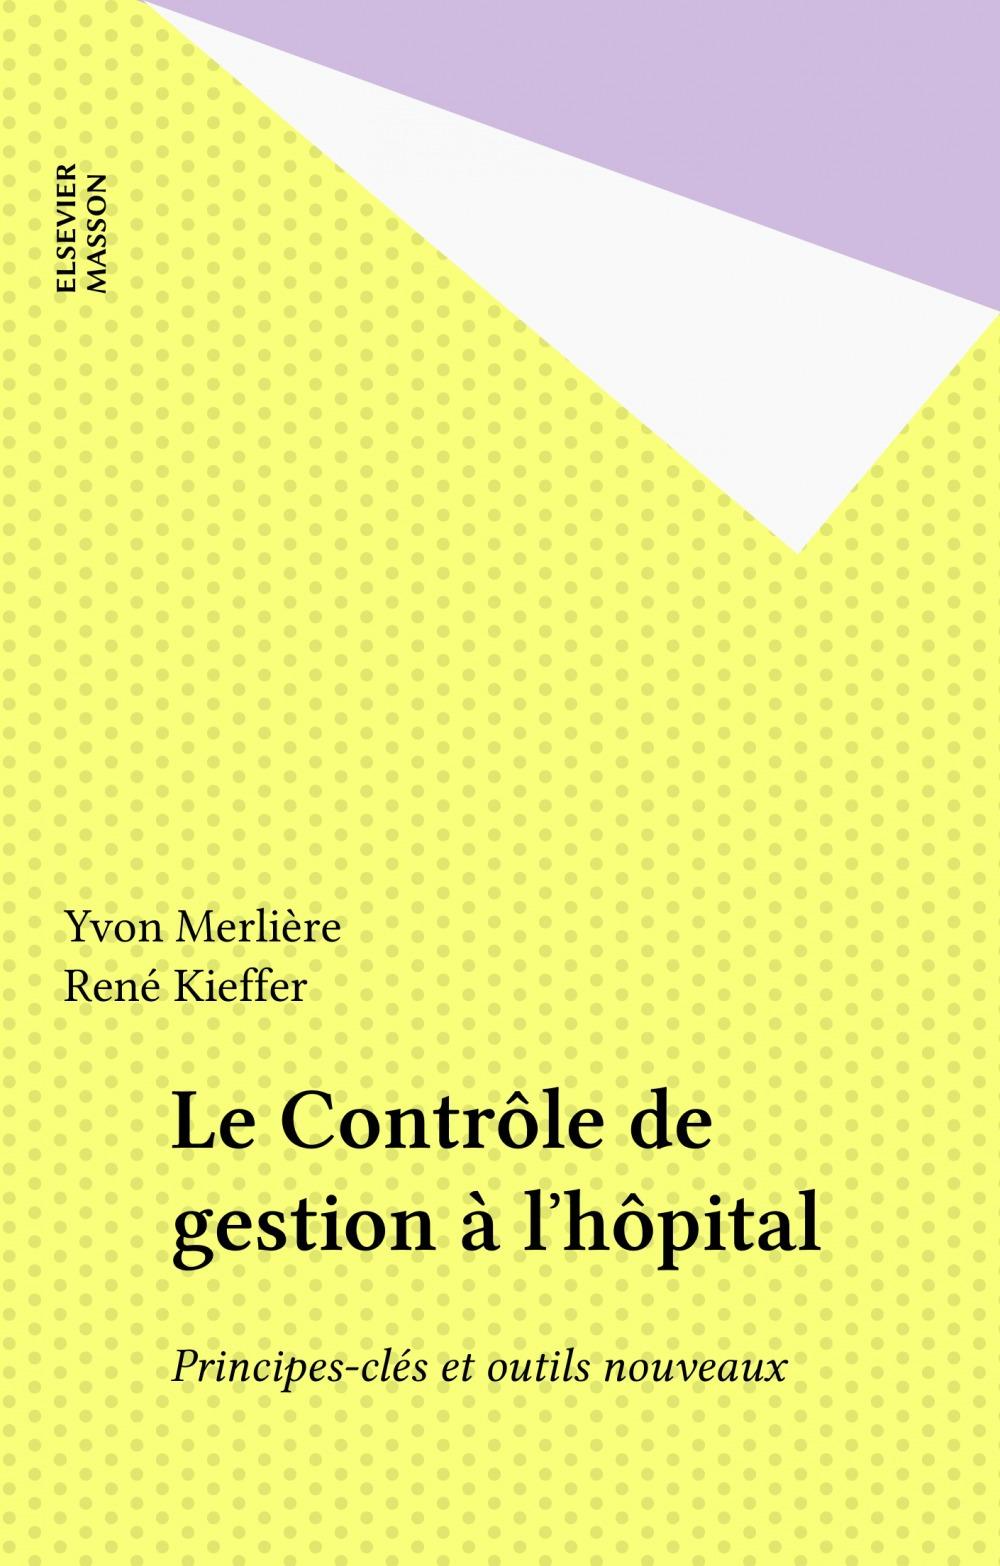 Le Contrôle de gestion à l'hôpital